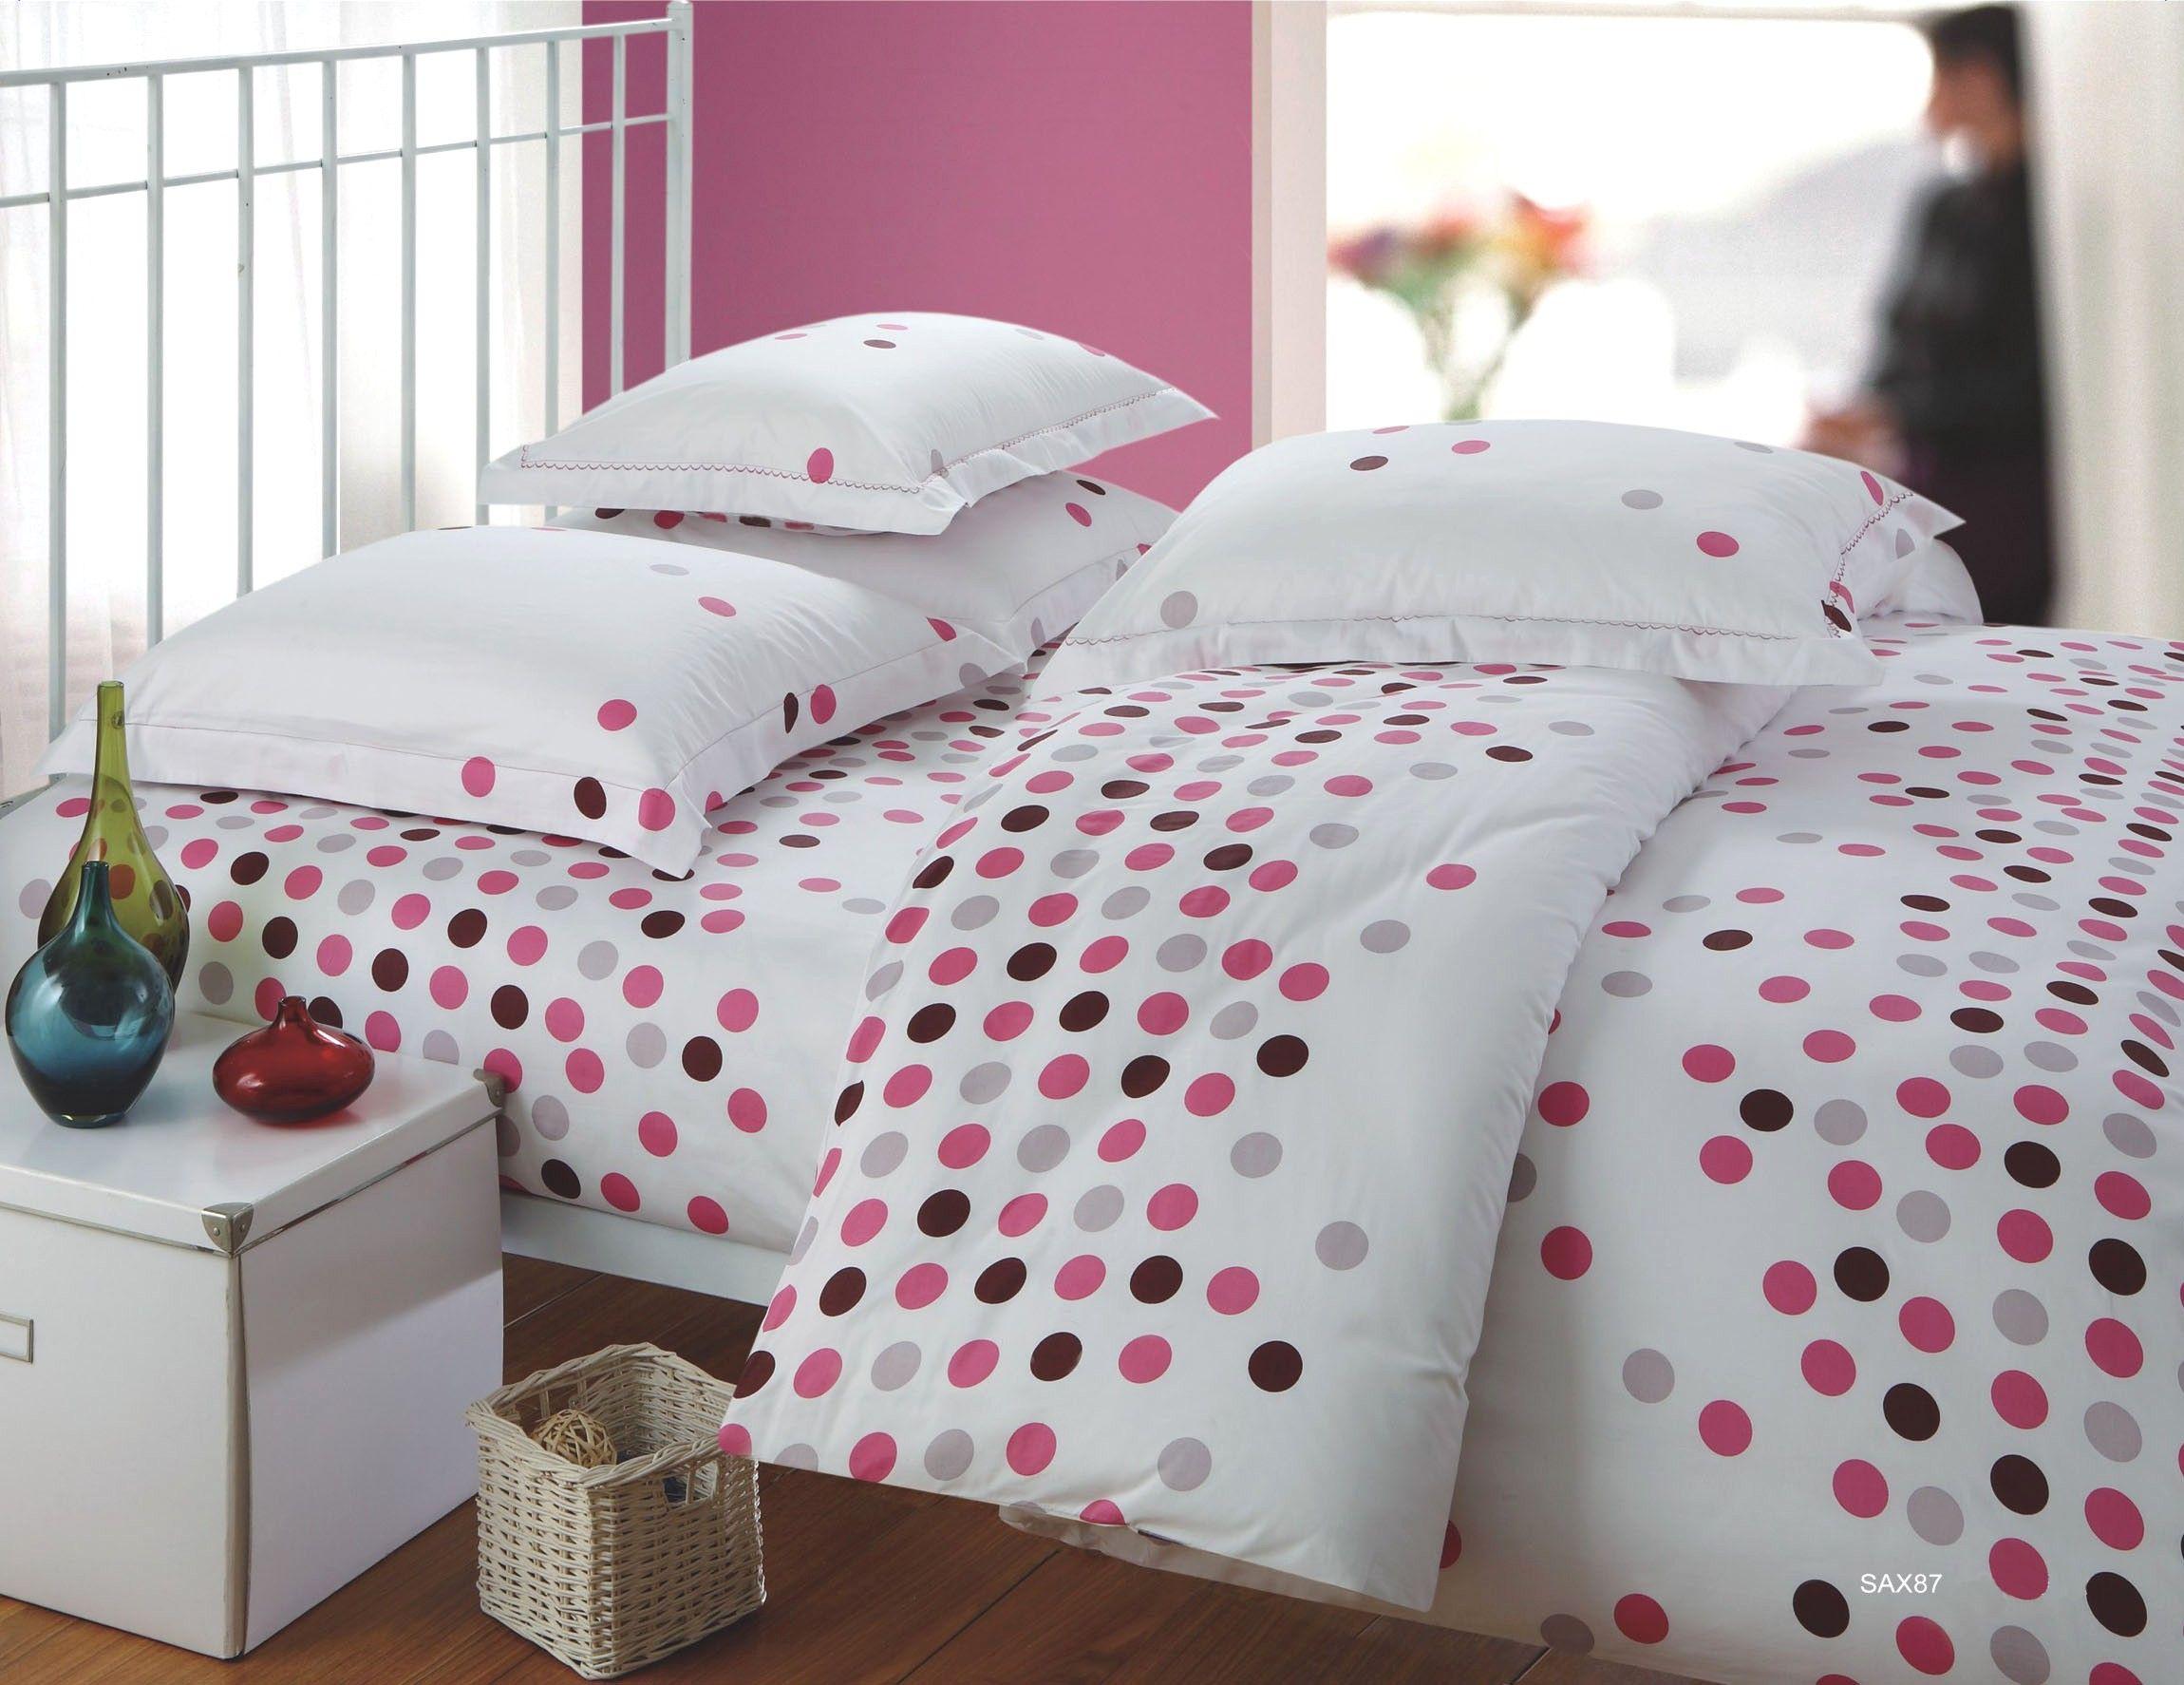 Housse De Couette 200x200 New York Housse De Couette 200x200 New York Housse De Couette 200x200 La Pagnie Du Blanc Les Housses De Couette 20 Bed Home Blanket